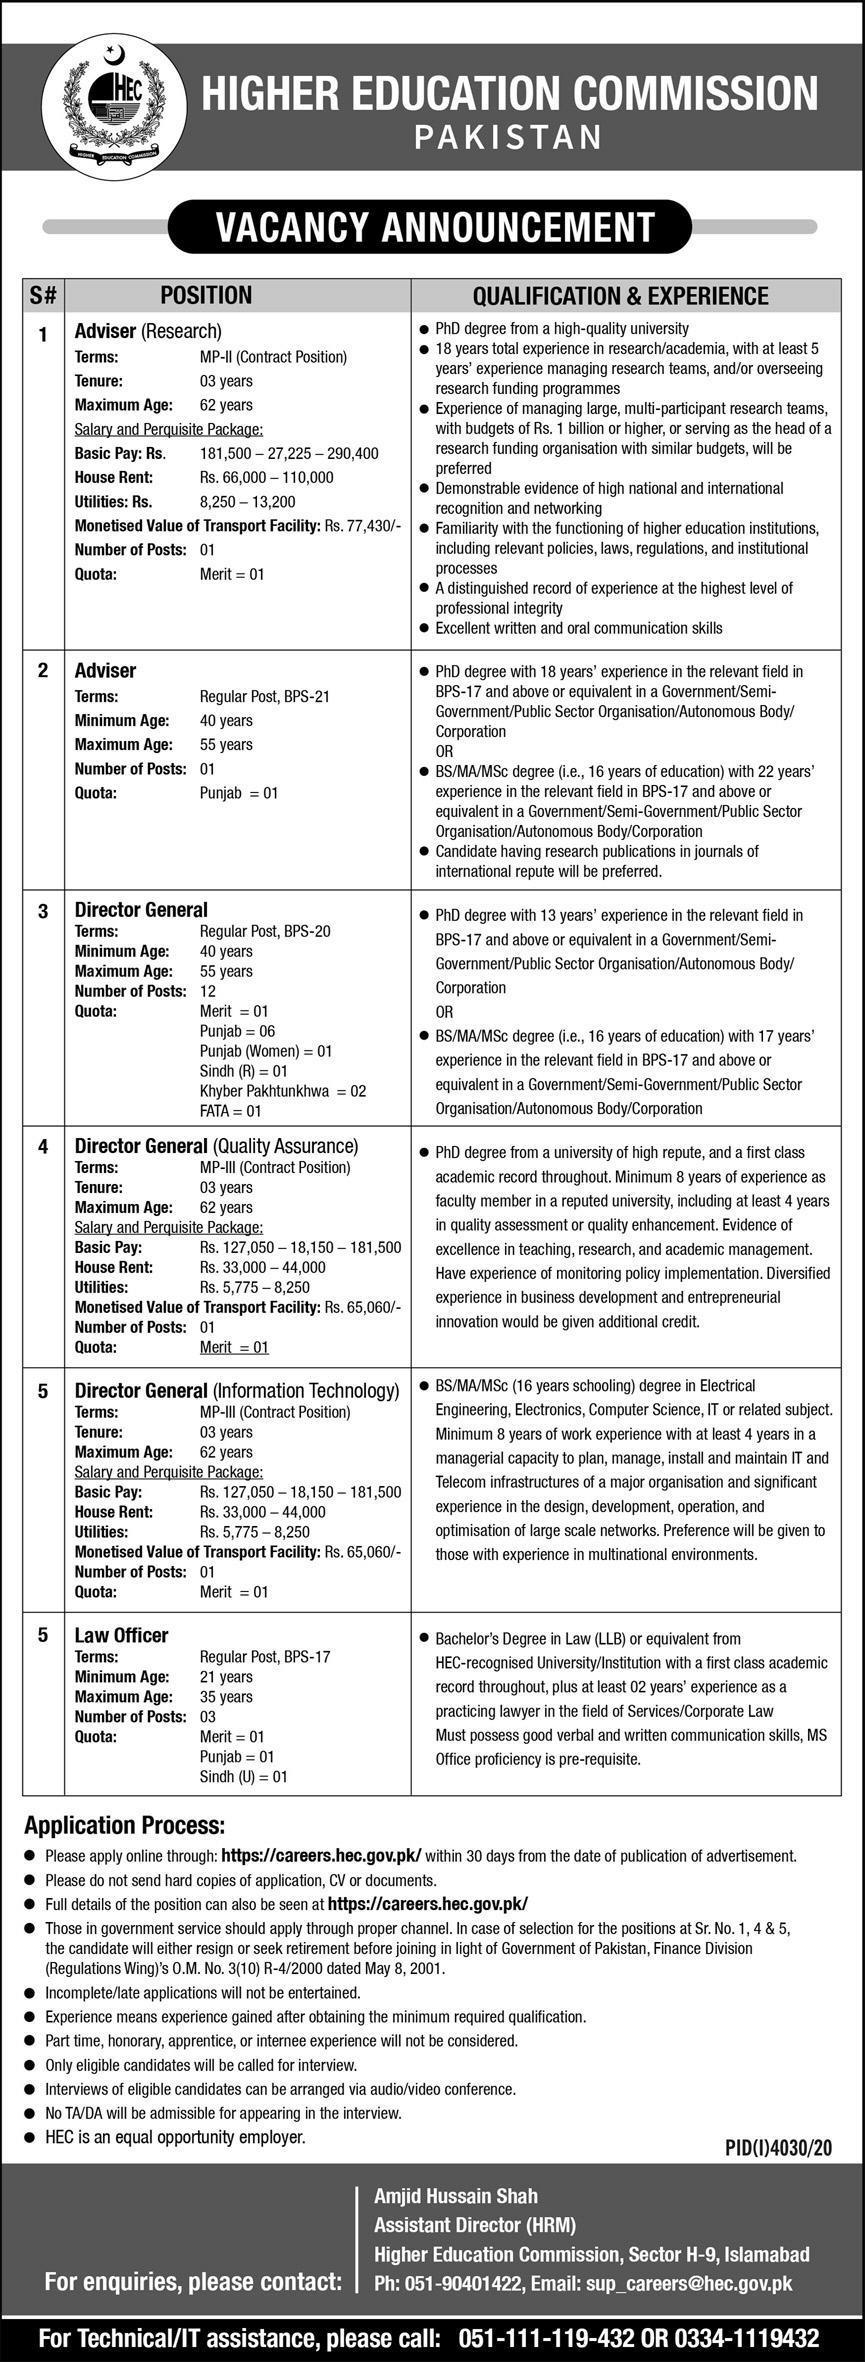 Online Apply HEC Job Portal 2021 - careers.hec.gov.pk - HEC Careers - HEC Jobs 2021 - Higher Education Commission Jobs 2021 - HEC Pakistan Jobs